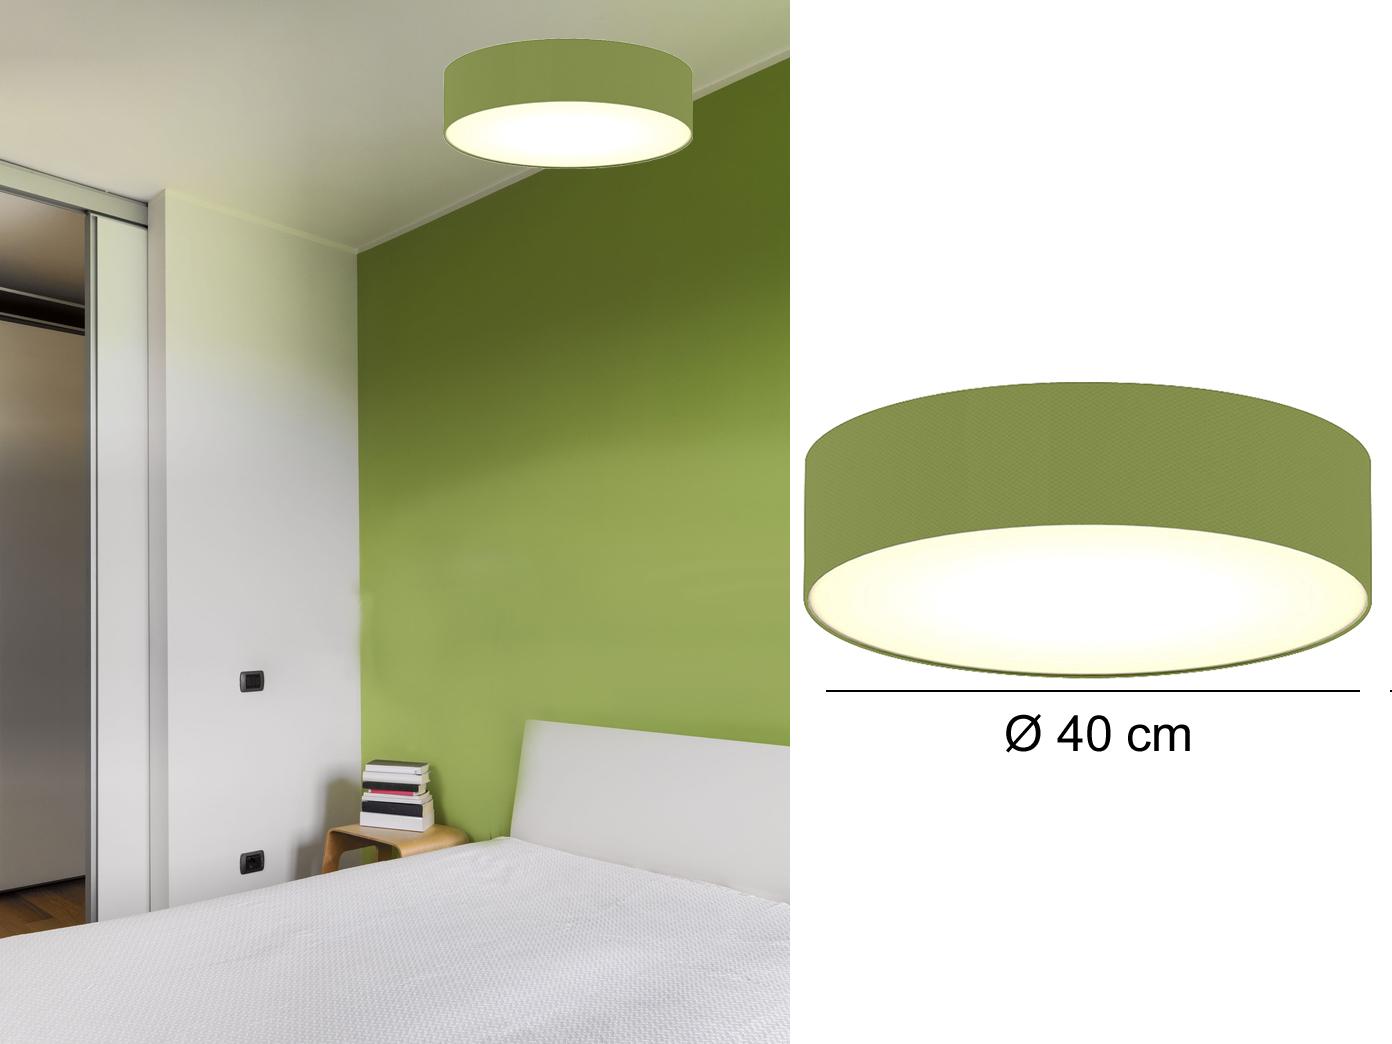 Design Deckenleuchte Ceiling Dream Rund O40 Cm Stoff Schirm Grun